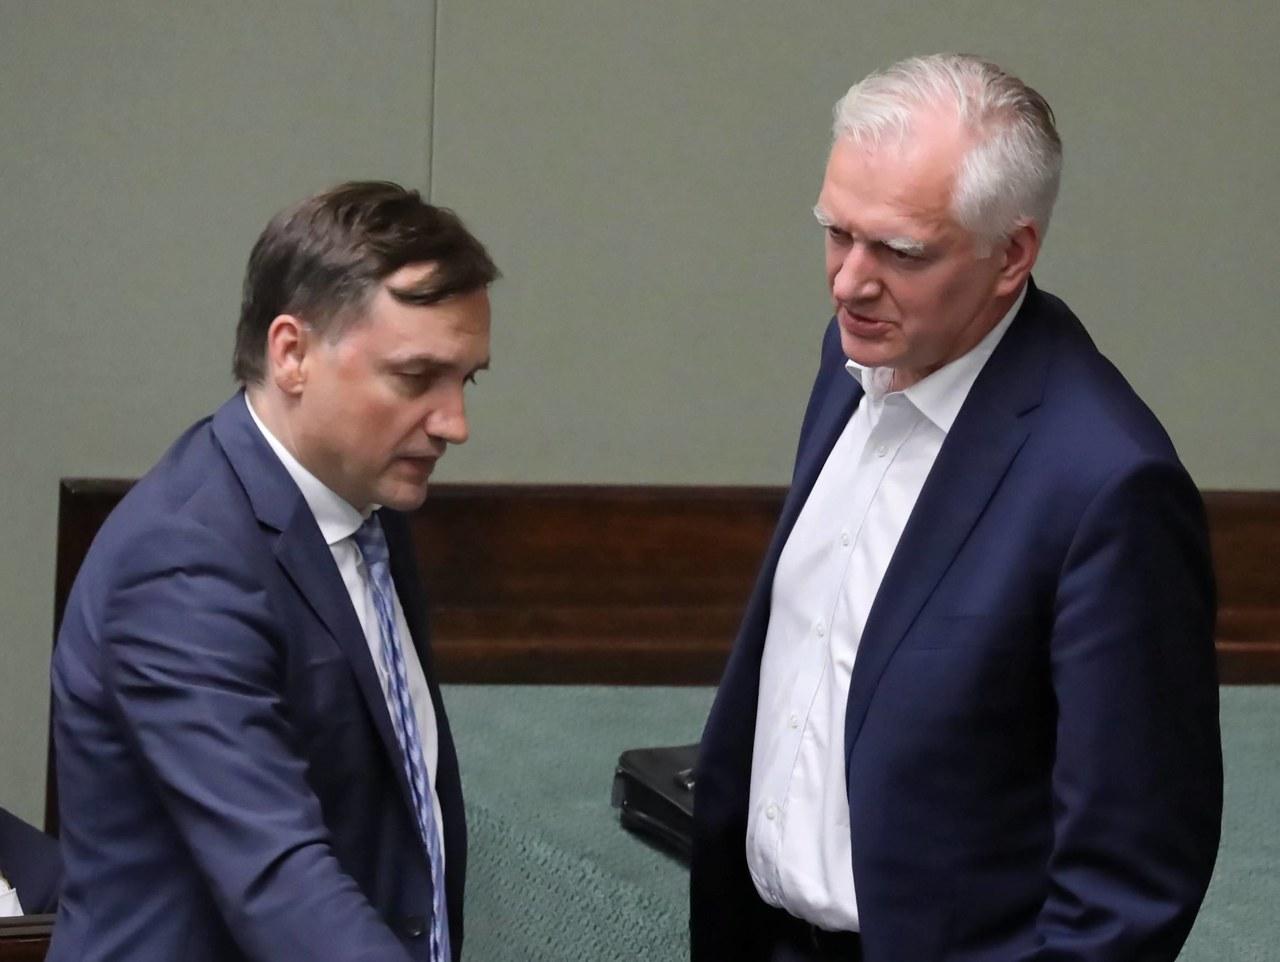 Bez PiS-u nie wejdą do Sejmu. Niskie poparcie partii Gowina i Ziobry